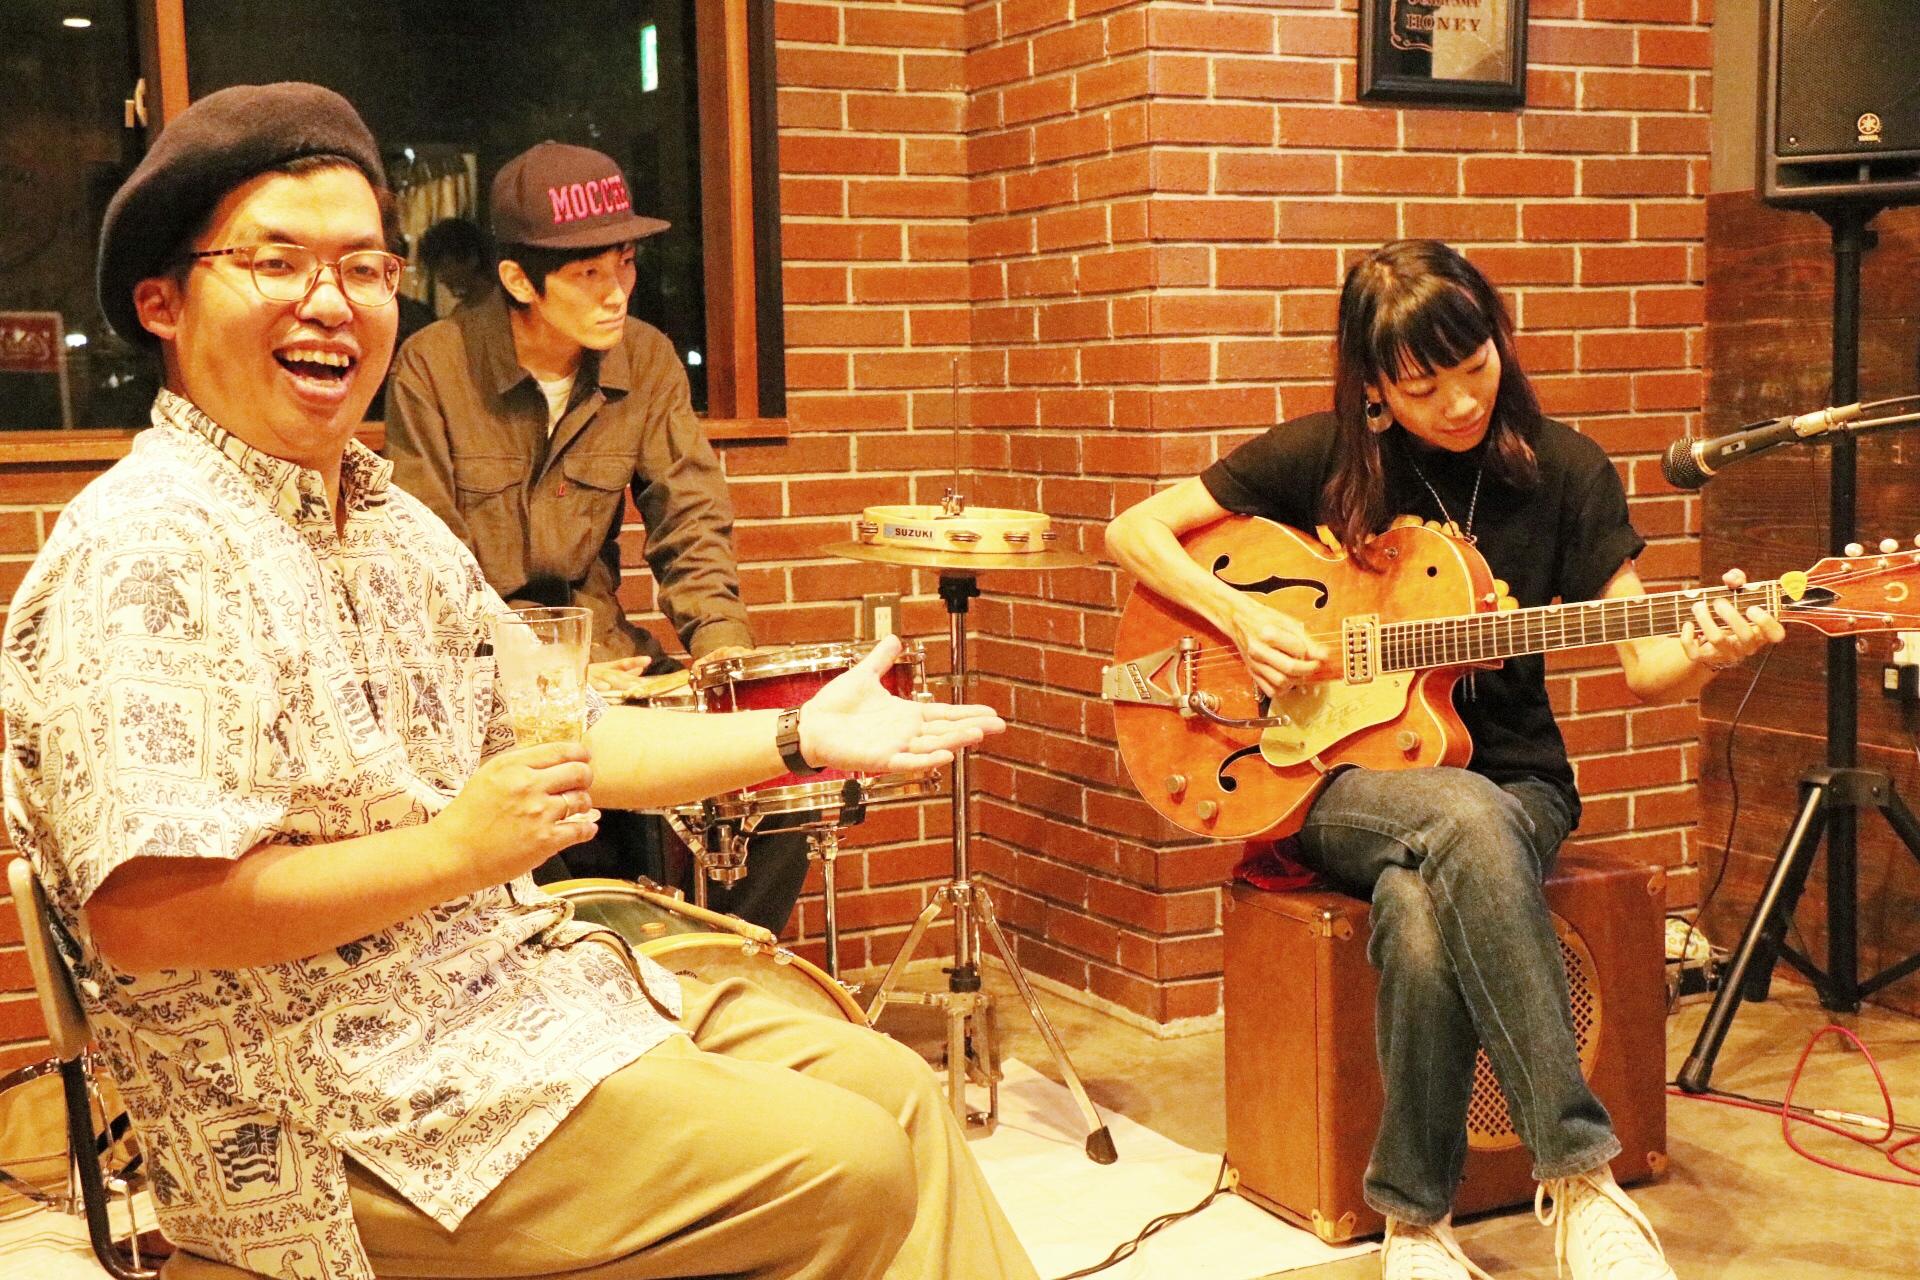 宇都宮 snokey music public house six  モッチェ永井&TENDERLY'S